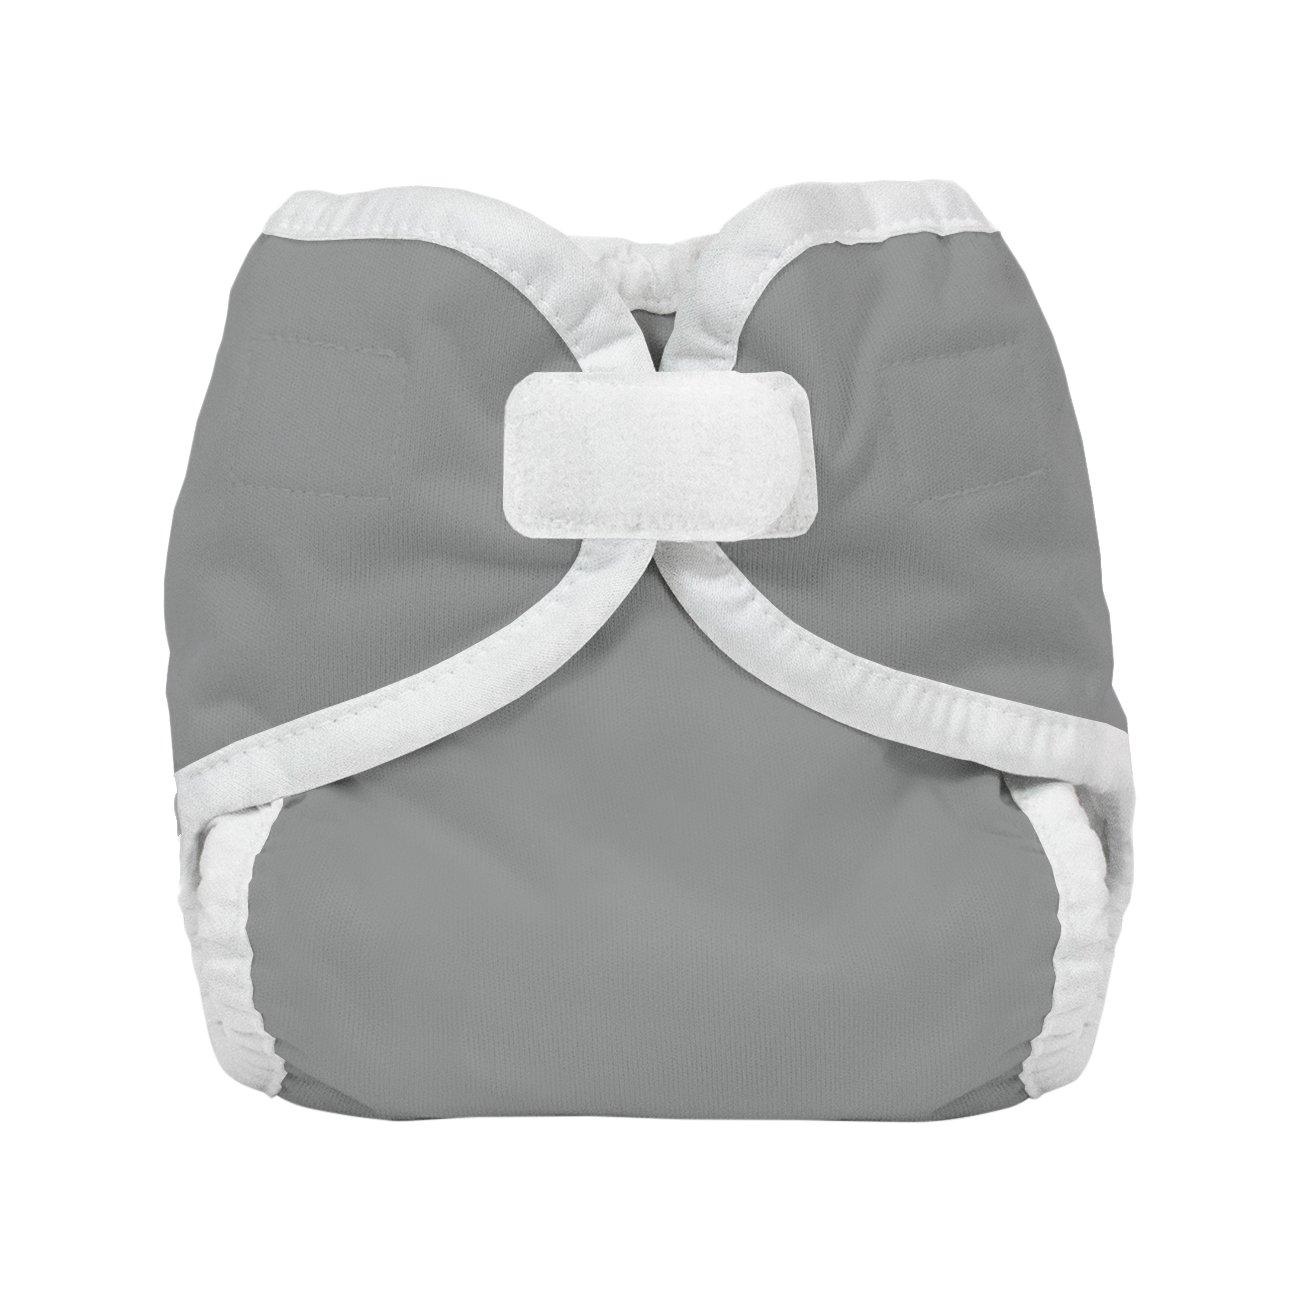 Kanga Care Rumparooz Cloth Diaper Cover